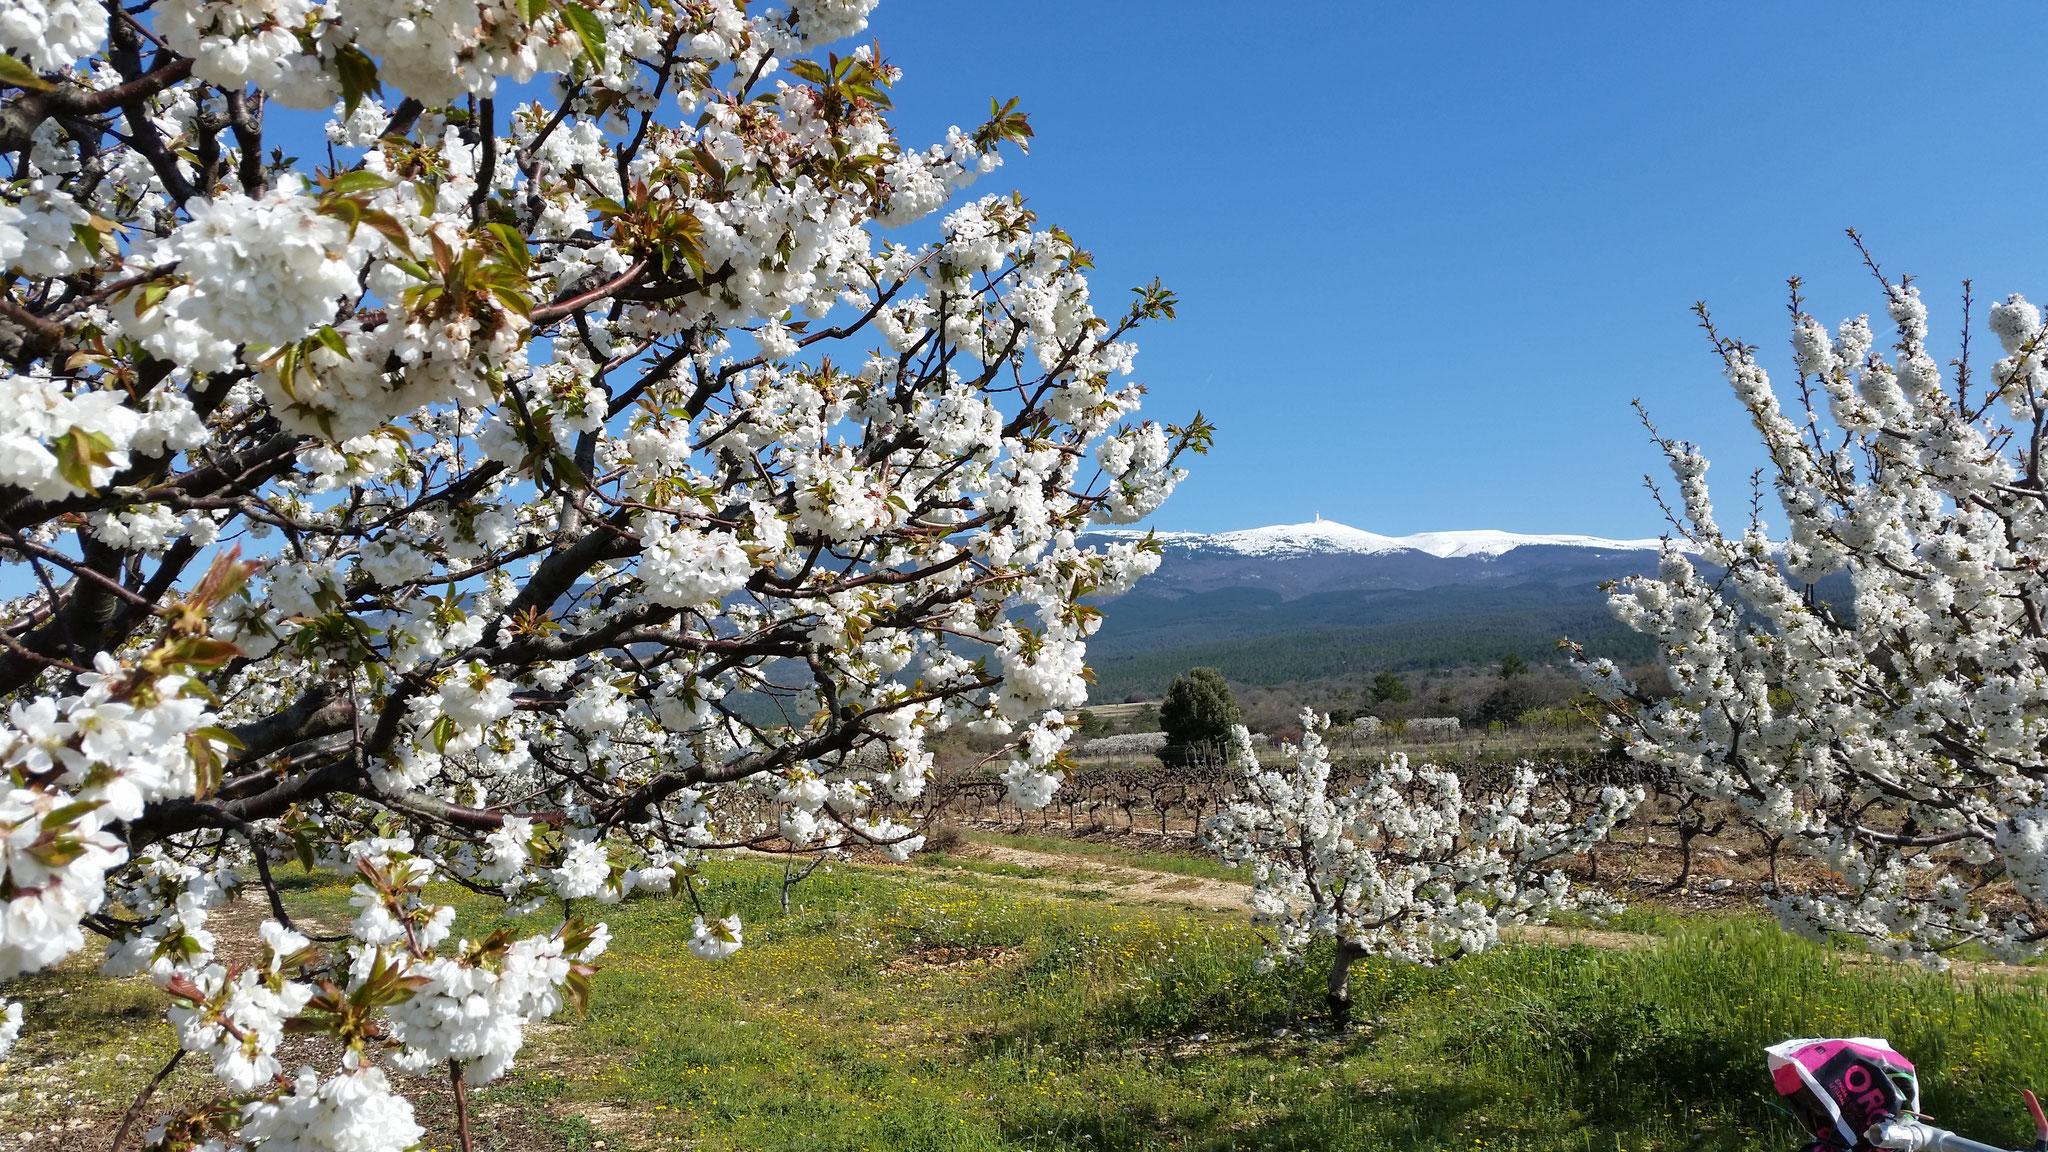 loucardaline-bedoin-ventoux-chambre d hotes-gite-cerisier en fleur-vaucluse-hébergement